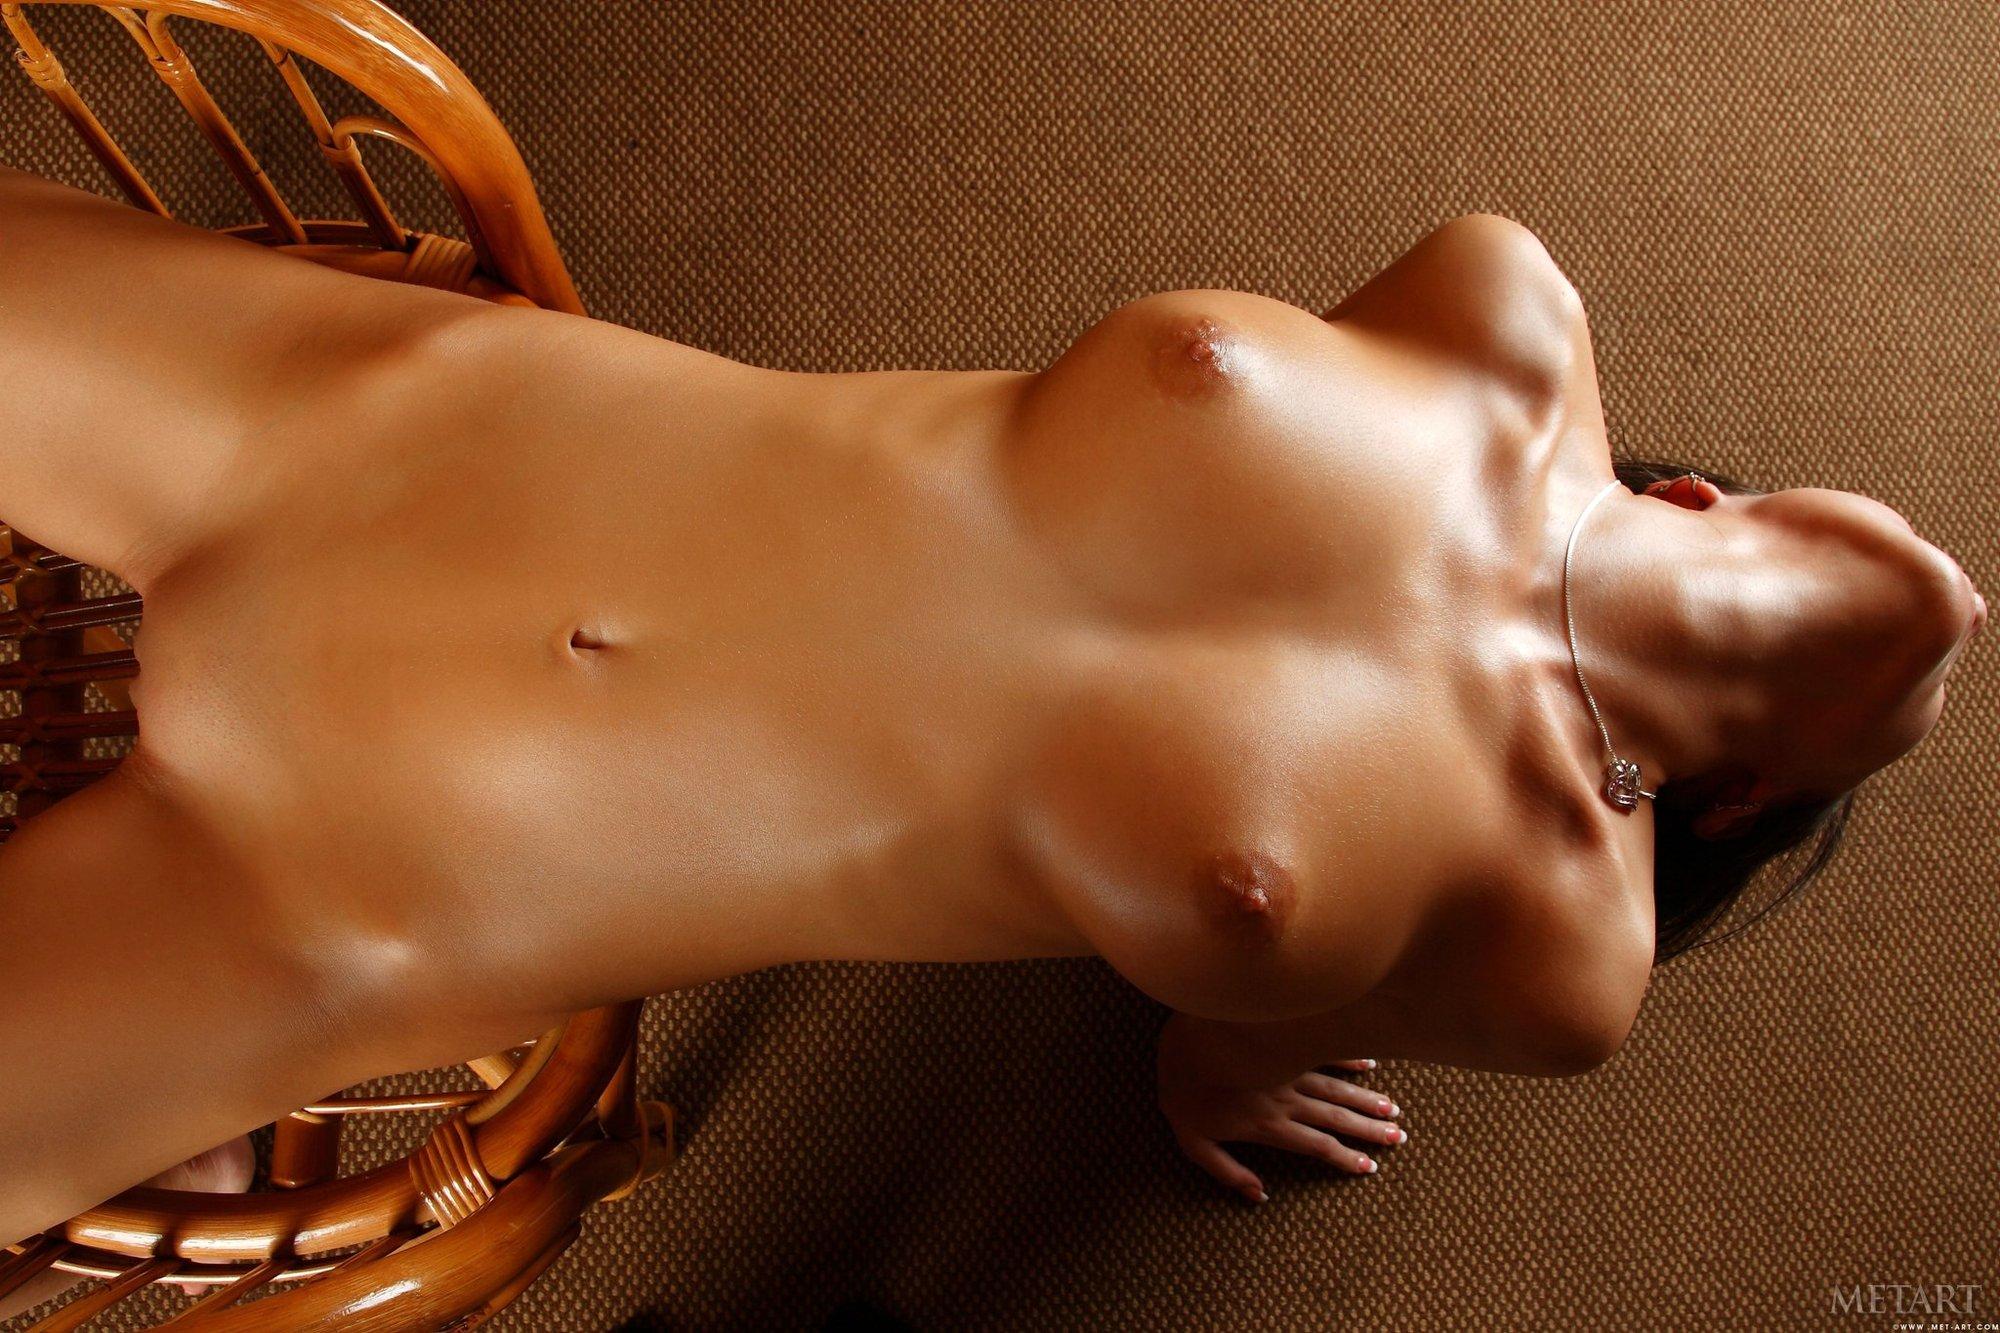 ютуб красота эротика женского тела